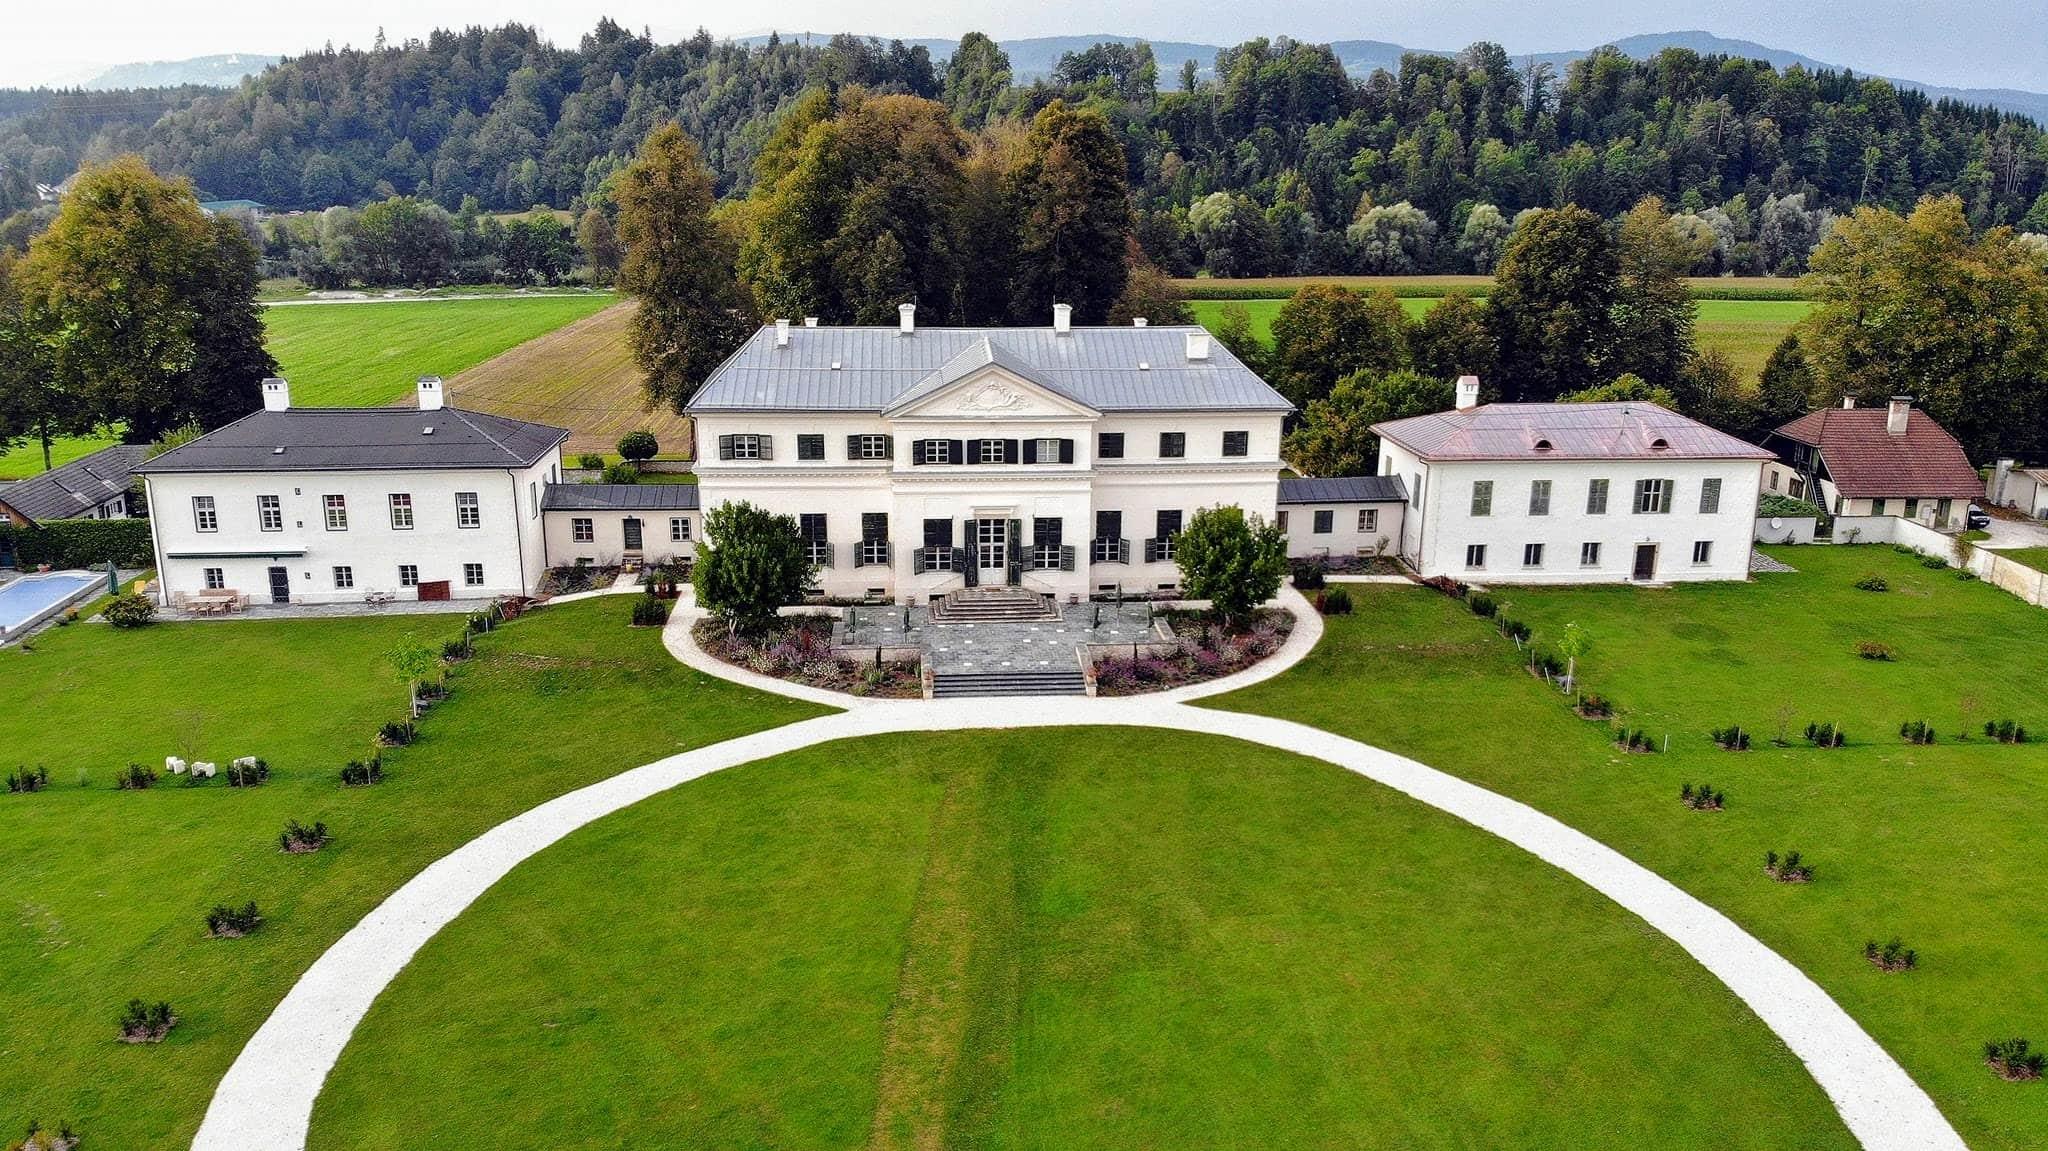 Schloss Rosegg Sehenswürdigkeit in Kärnten Österreich